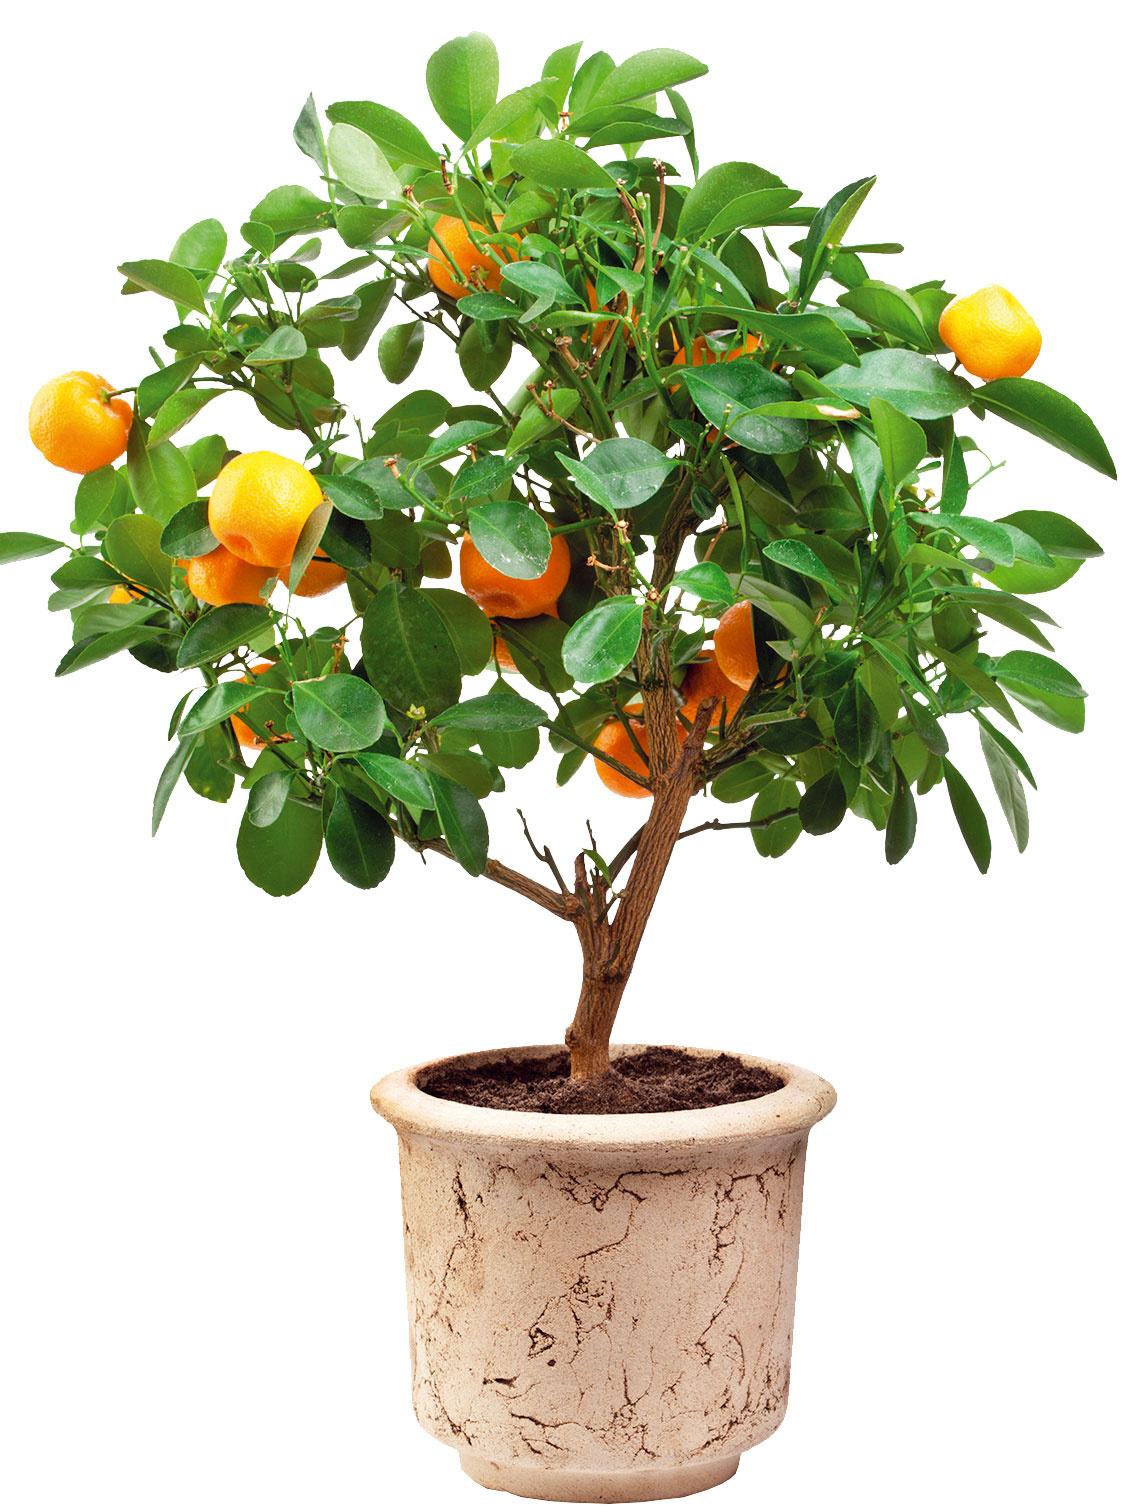 Citrusy potrebujú chlad  Citrusom po lete vexteriéri doprajte vegetačný pokoj. Vstudených mesiacoch by mali byť na svetlom achladnejšom mieste (ideálne 3 až 12 °C), nie vprekúrenej miestnosti so suchým vzduchom. Na zimu obvykle stratia listy. Ak sa však pestujú počas celého roka vteplých avzime vo vykurovaných priestoroch, napríklad vzimných záhradách, listy nestrácajú asú atraktívne celoročne. Počas nasledujúcej sezóny však nemusia kvitnúť ani plodiť. Vzime ich zalievajte opatrne. Ak im začnú hnednúť konáriky alebo špičky listov, môže to byť znak preliatia.